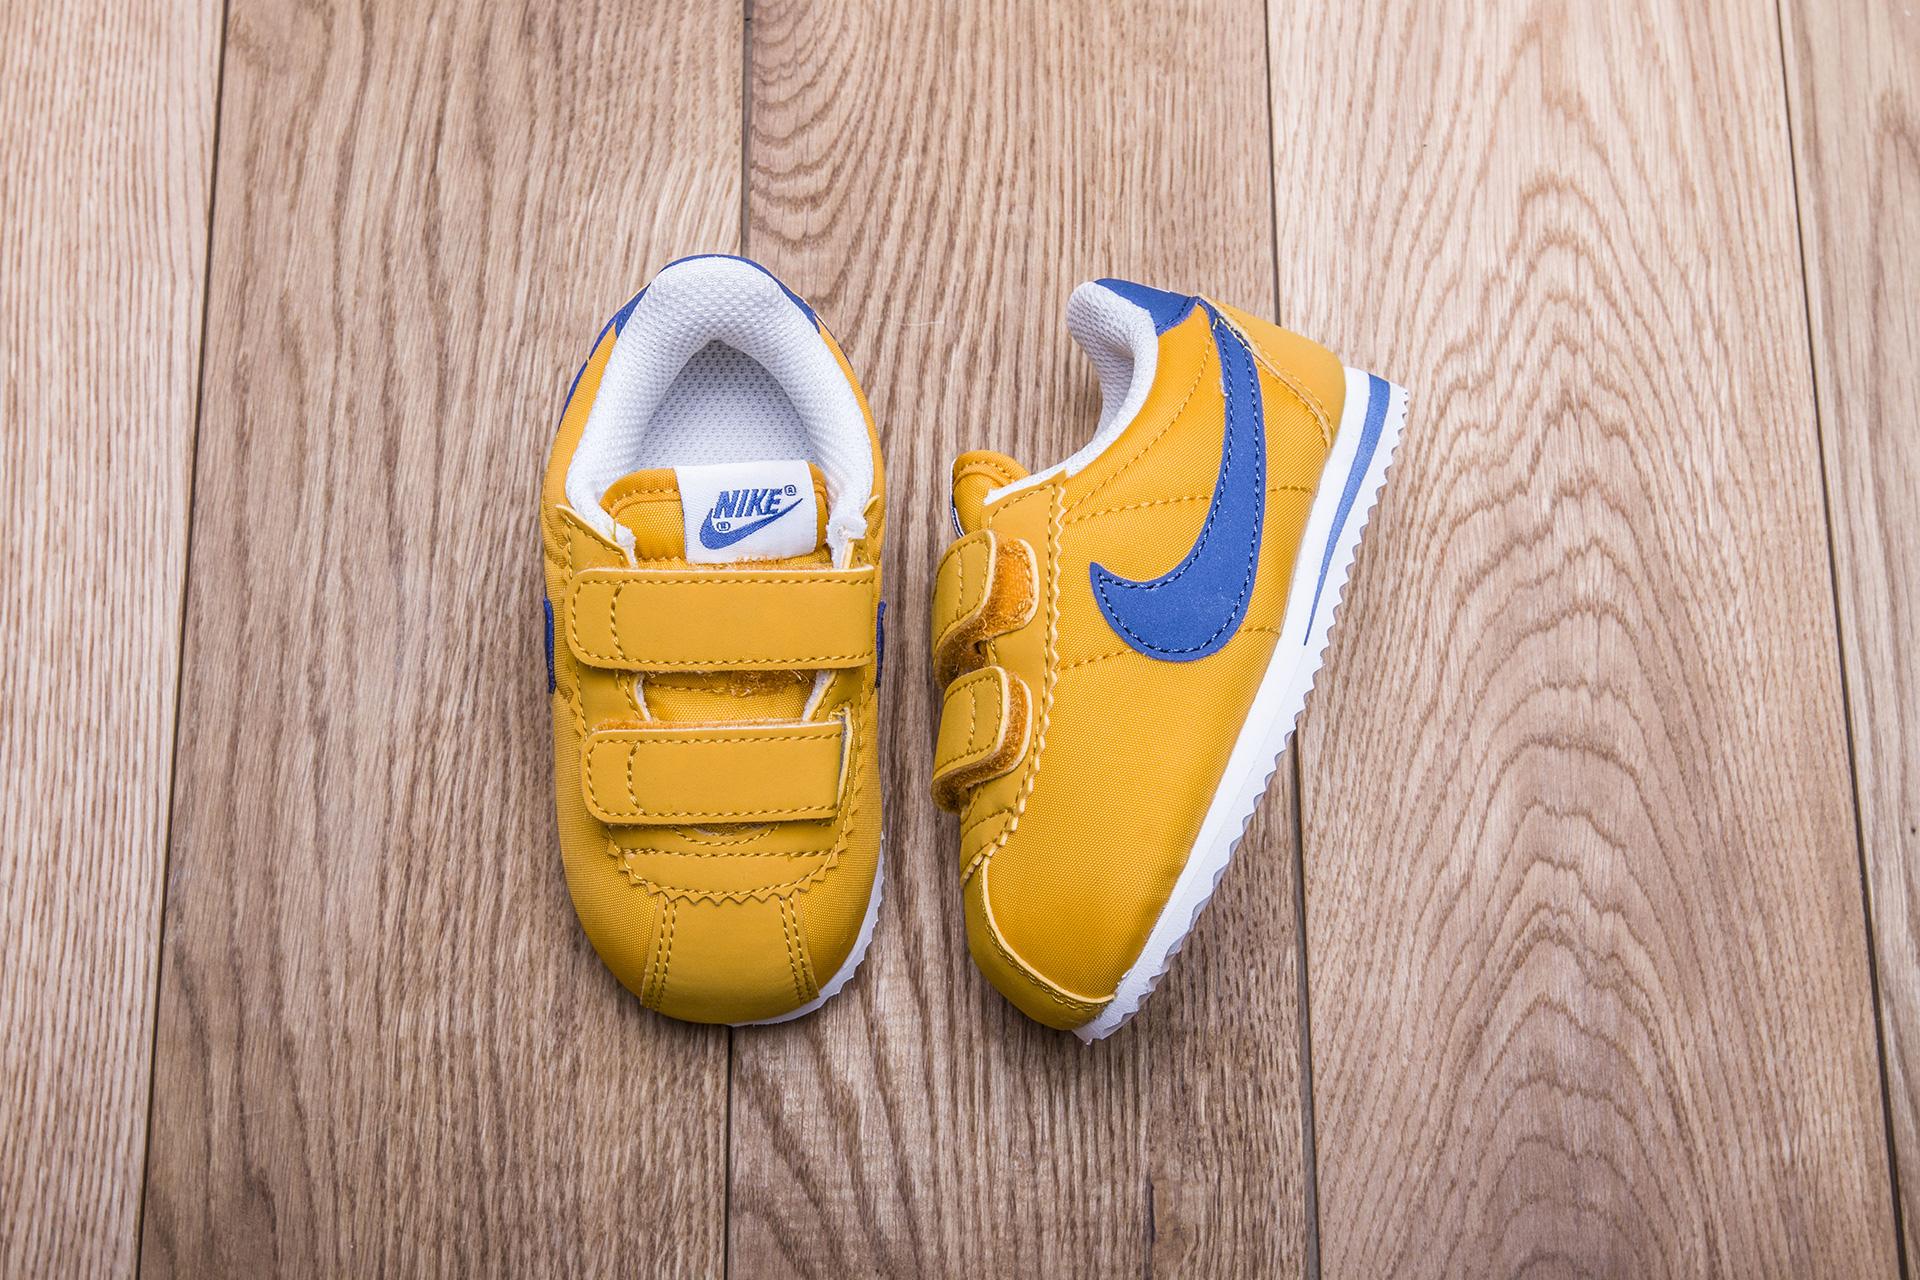 184e6a89 Купить желтые детские кроссовки Cortez Nylon TDV от Nike (749497-700 ...